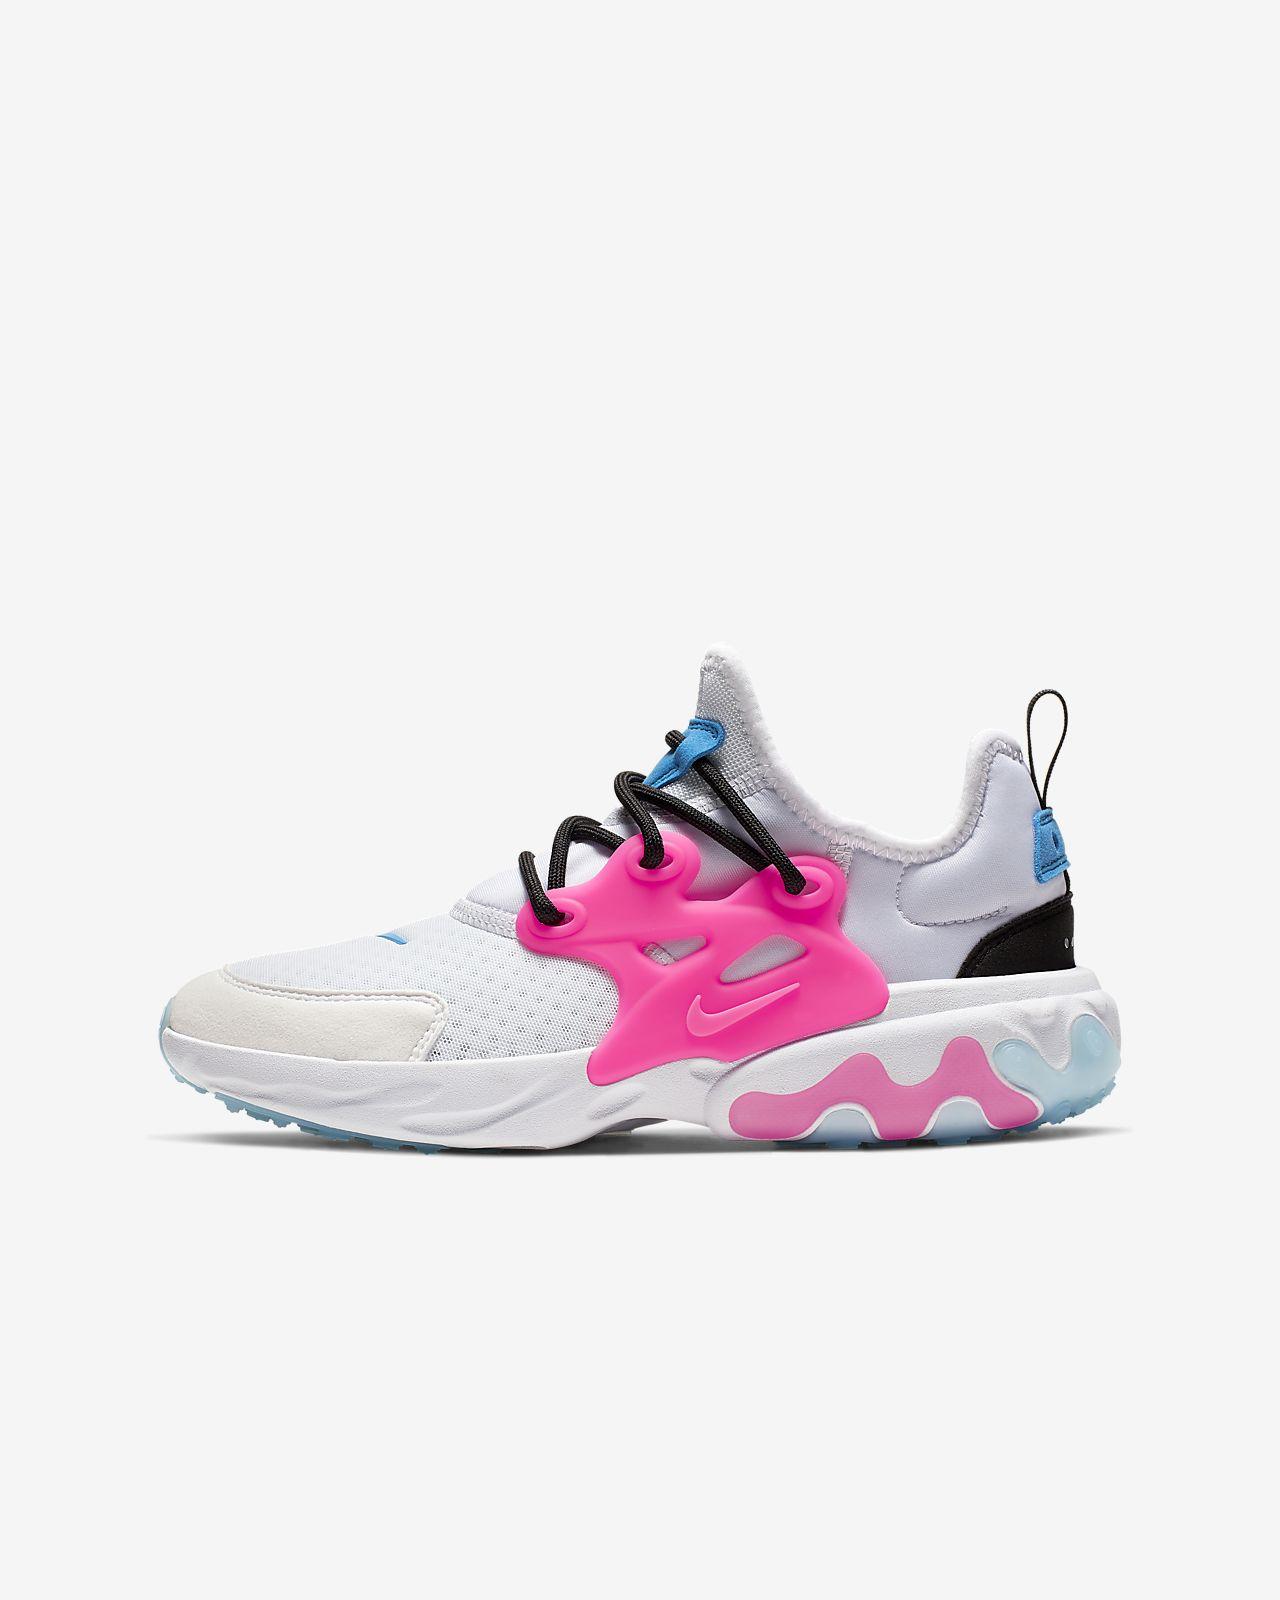 Calzado para niños talla grande Nike React Presto